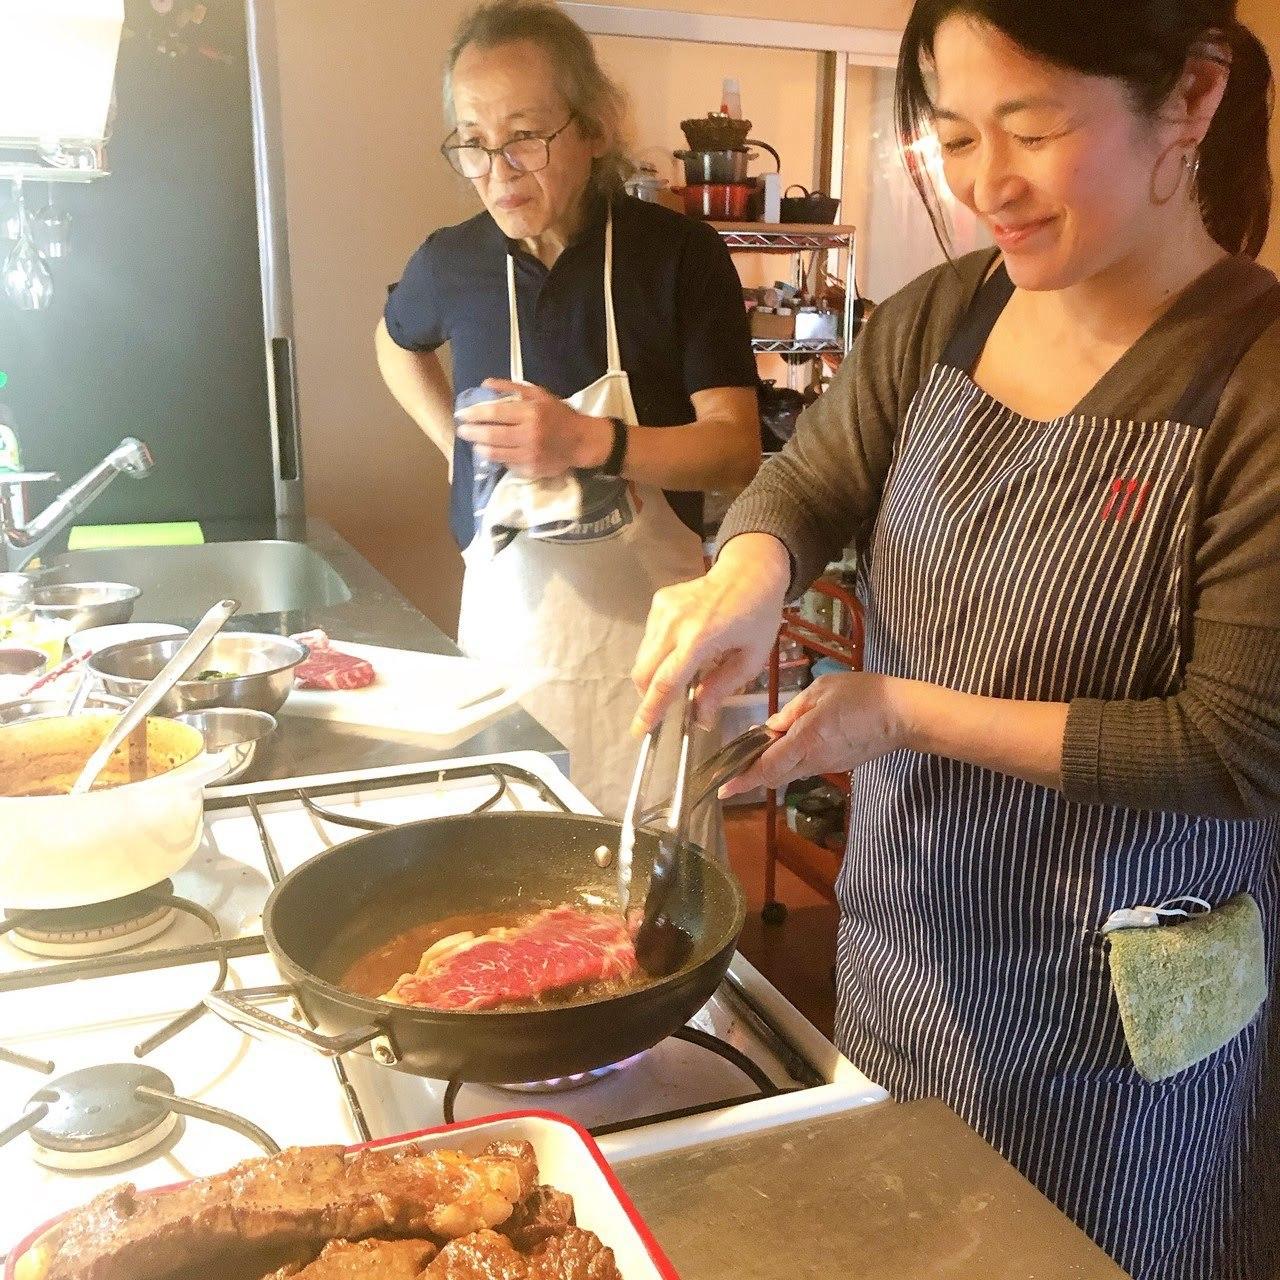 レストラン流、美味しいステーキの焼き方を習いました【サン・ファソン 本多シェフに習うフレンチ】_b0345136_20283979.jpg